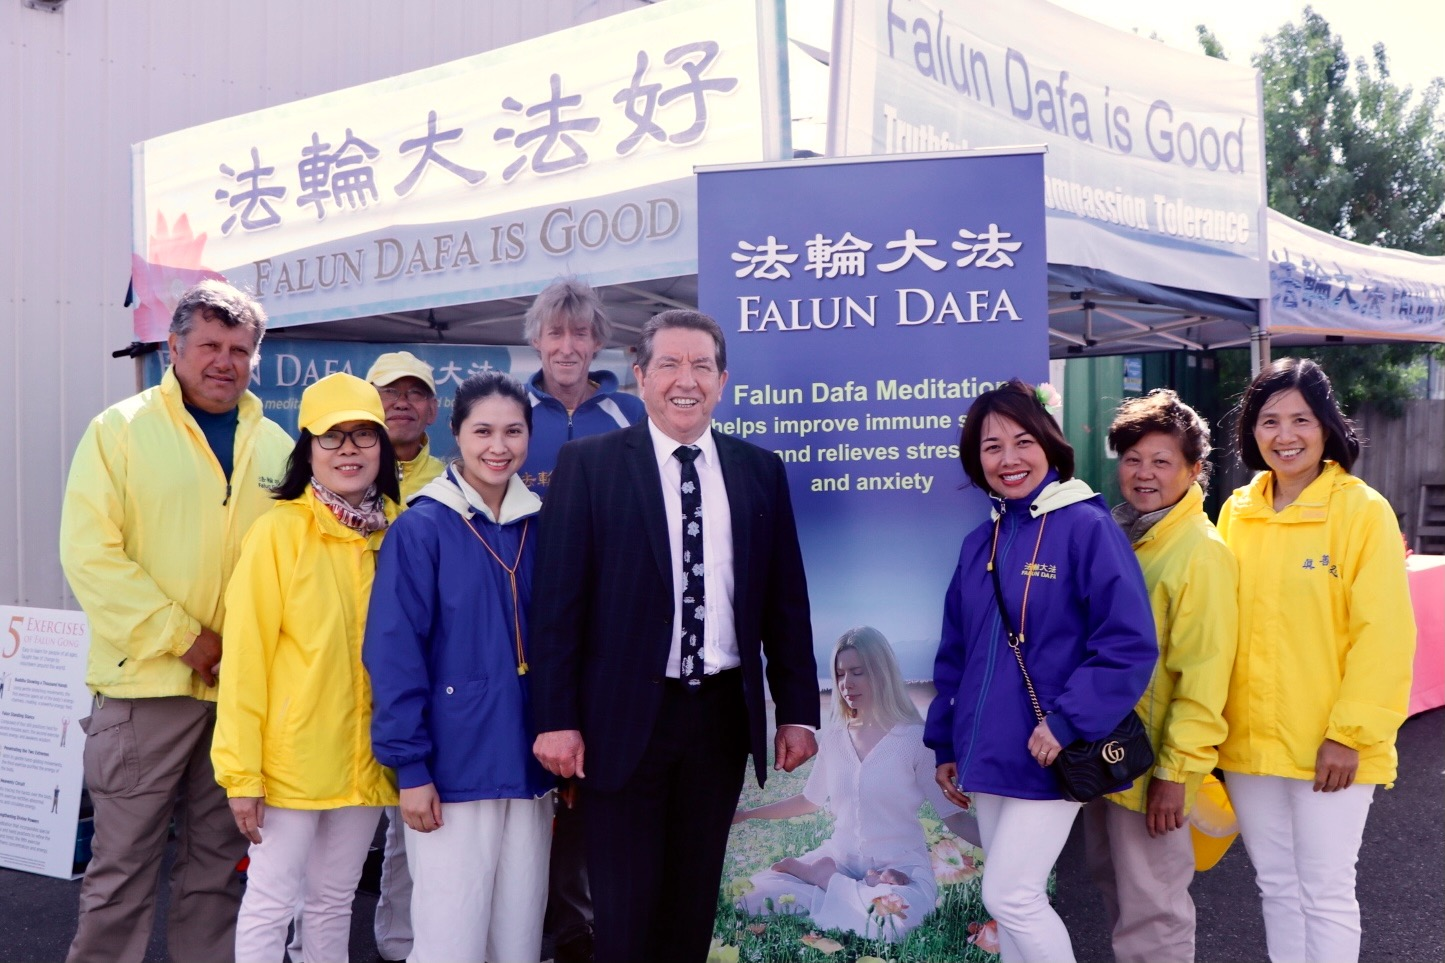 2021年3月6日,澳洲墨爾本「盆景蘭花展」在越南文化及遺產中心舉行,法輪功受到了多位政要的推崇。(李奕/大紀元)